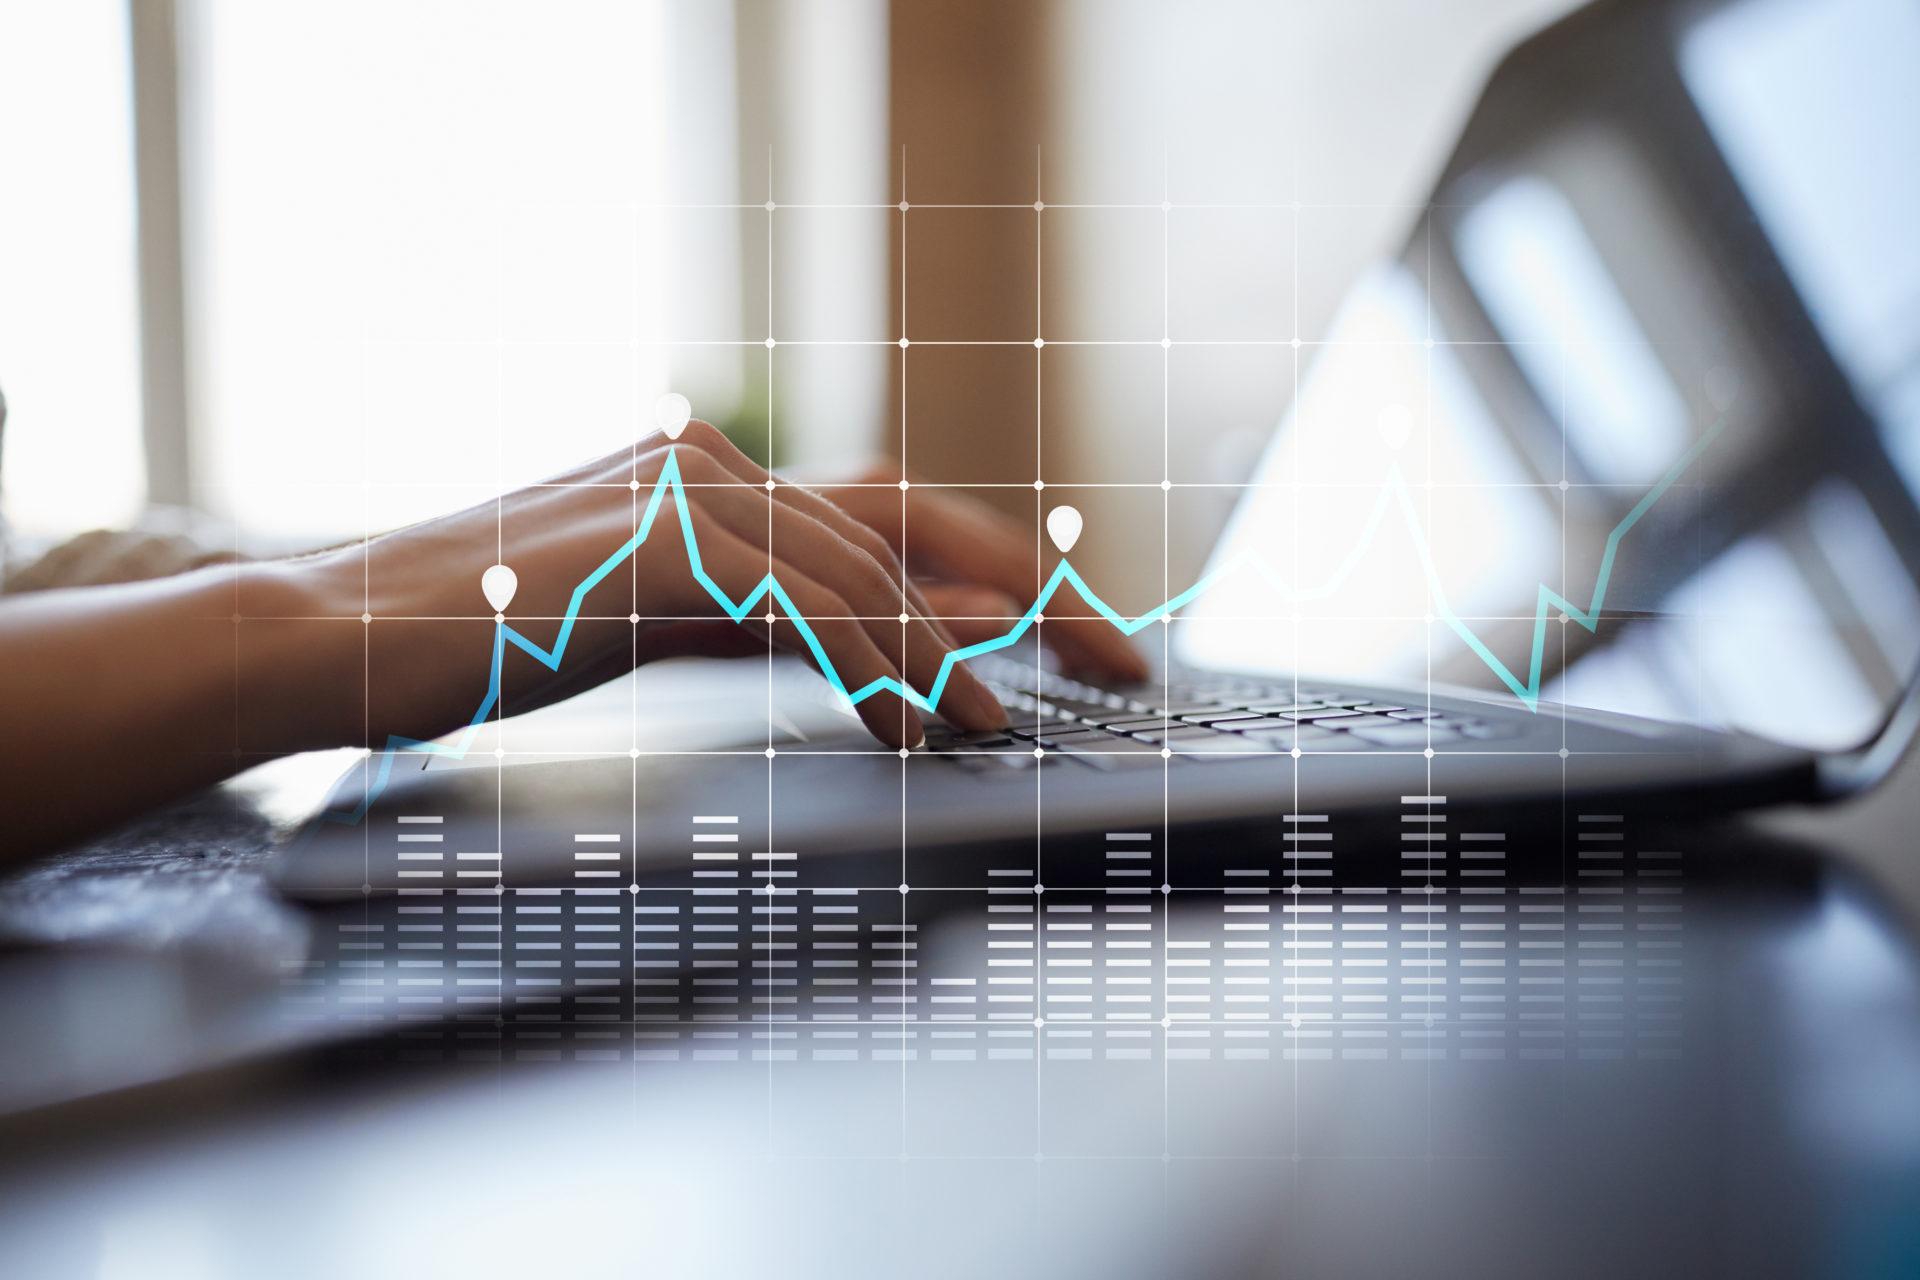 Accompagnement en stratégie digitale